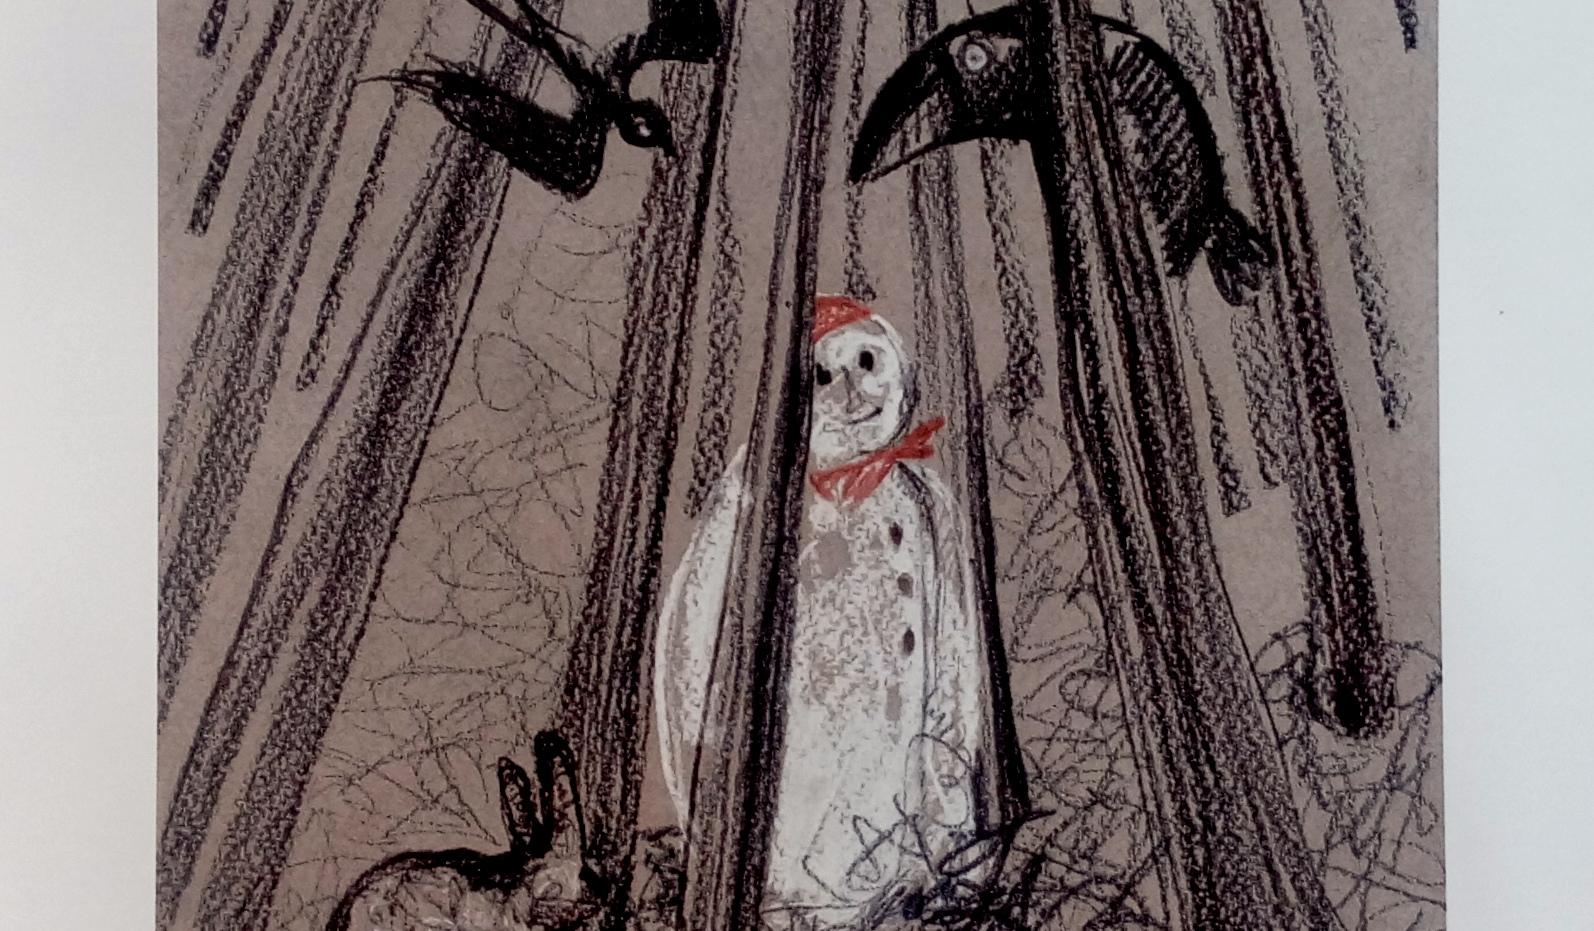 Omul de zăpadă care voia să întâlnească soarele - ilustraţie Andra Bădulescu